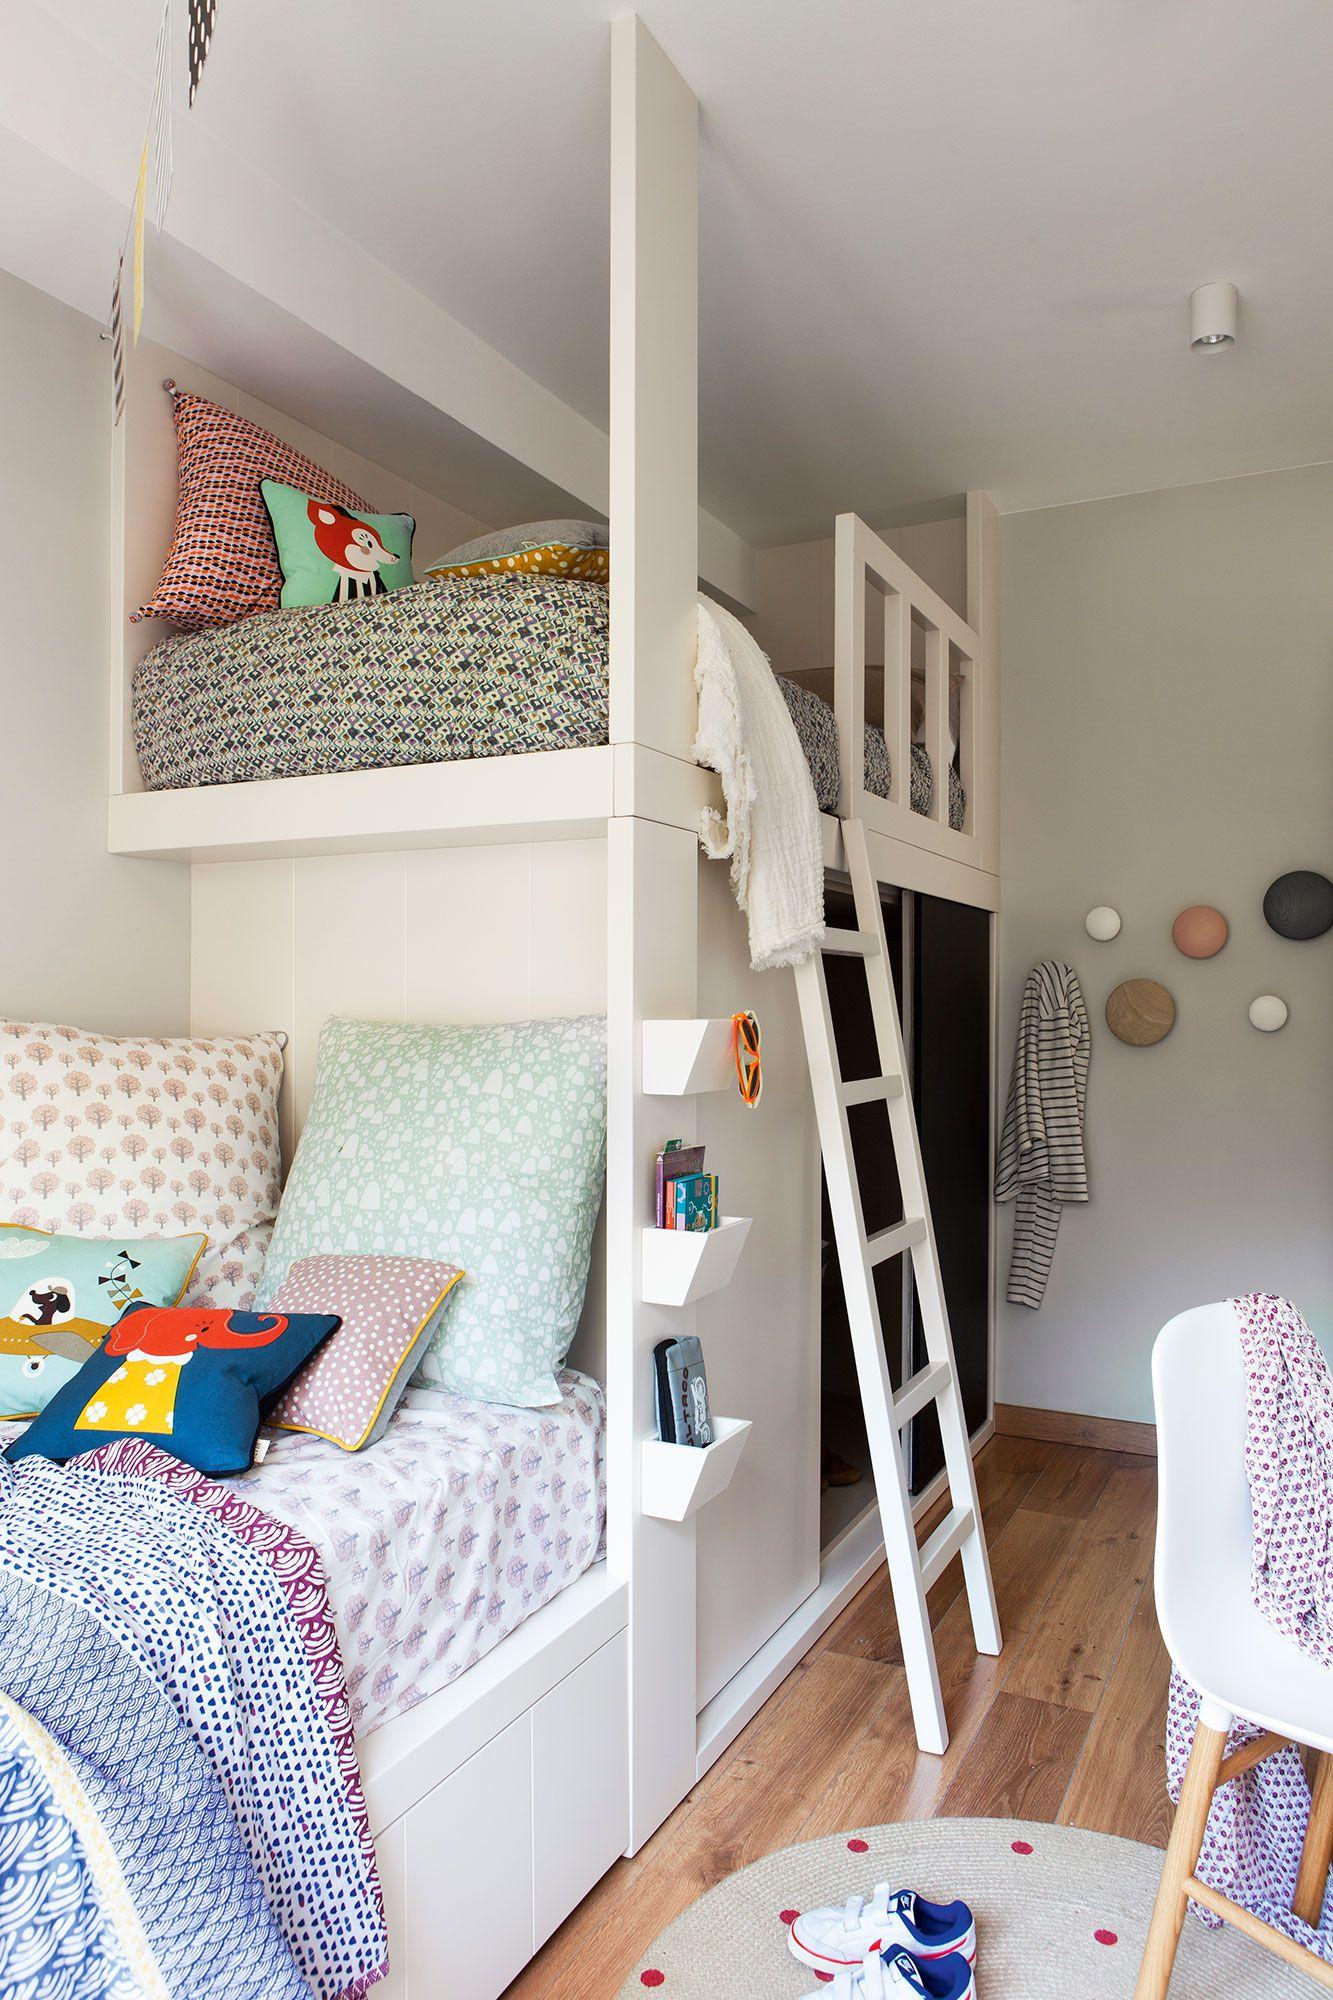 Te Quedas A Dormir 10 Ideas Para Ganar Una Cama Extra Kids Room